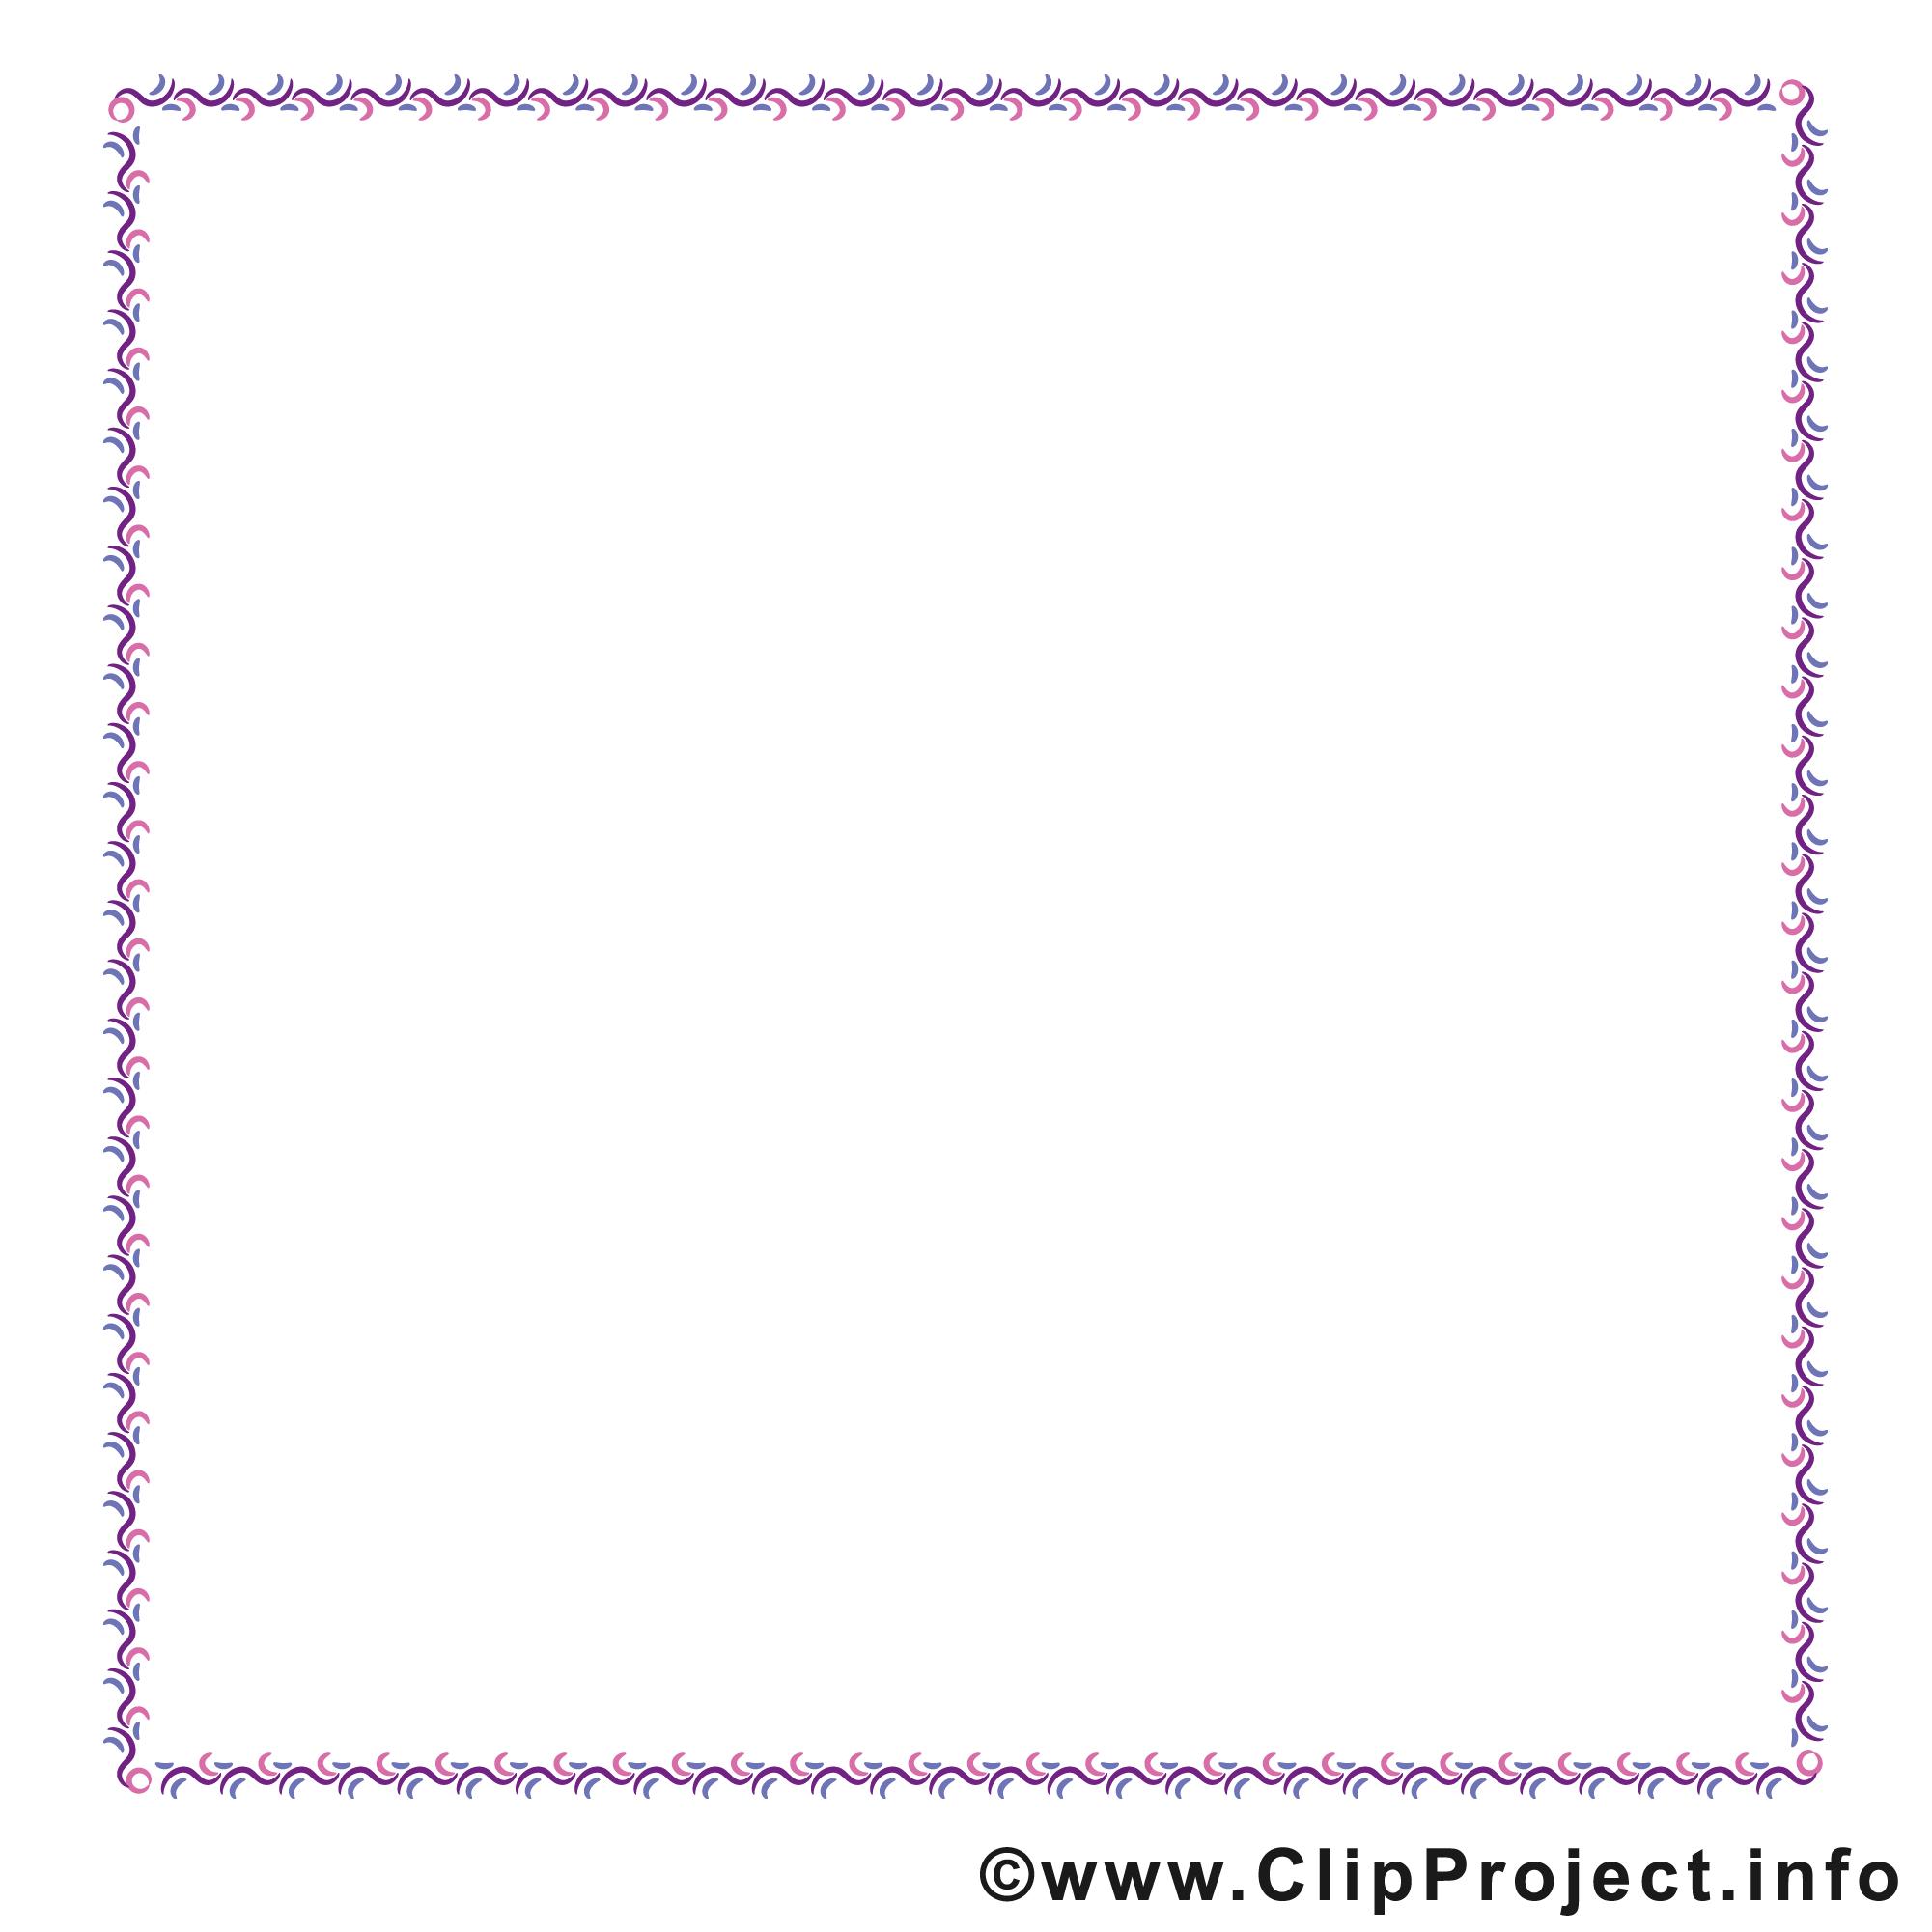 Bordure Clip Art Gratuit Cadre Images Icon Png Download